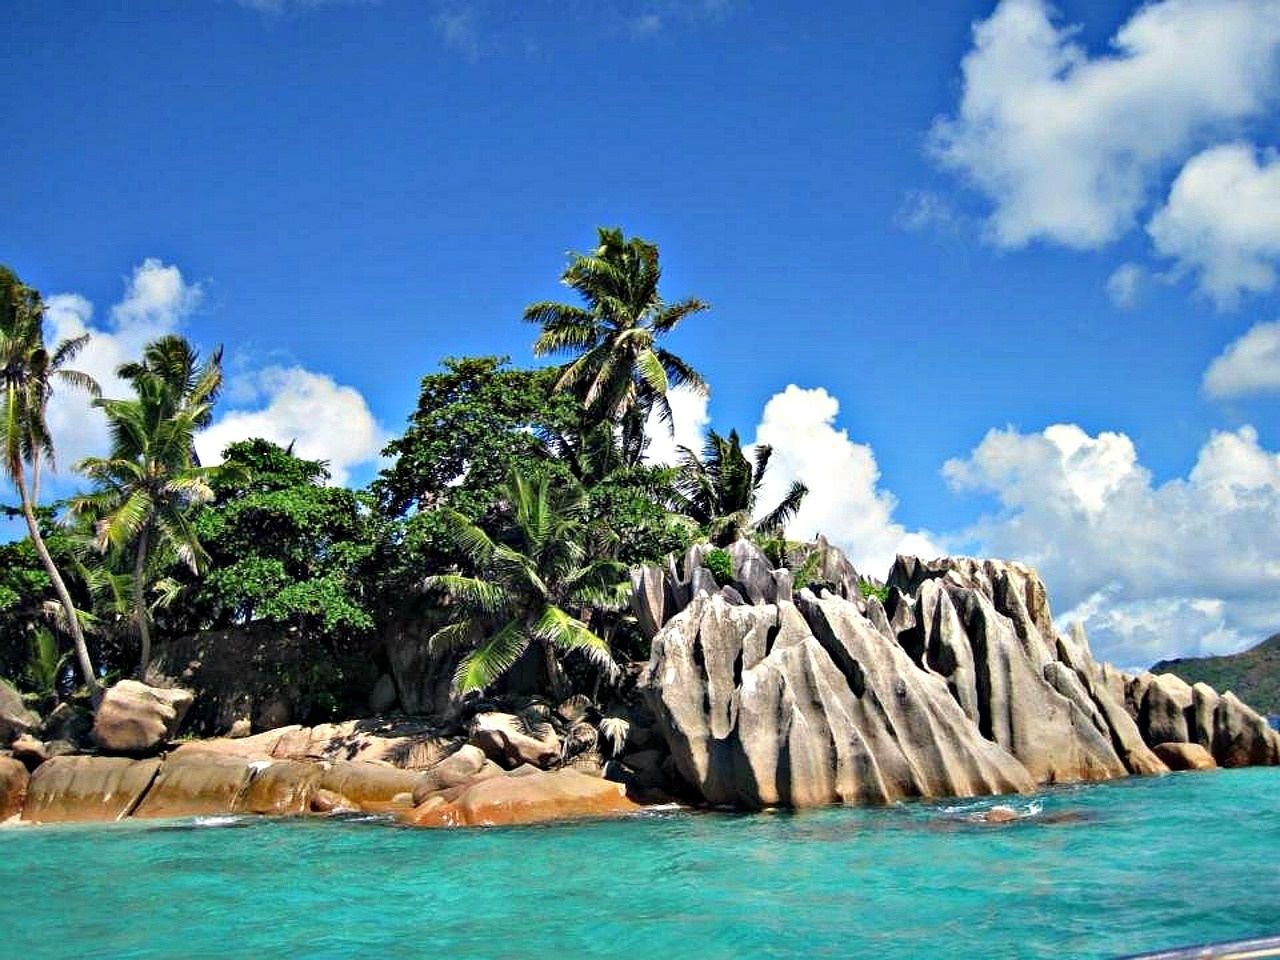 Urlaubsfieber - 5 Orte die du besuchen solltest und was du dafür brauchst